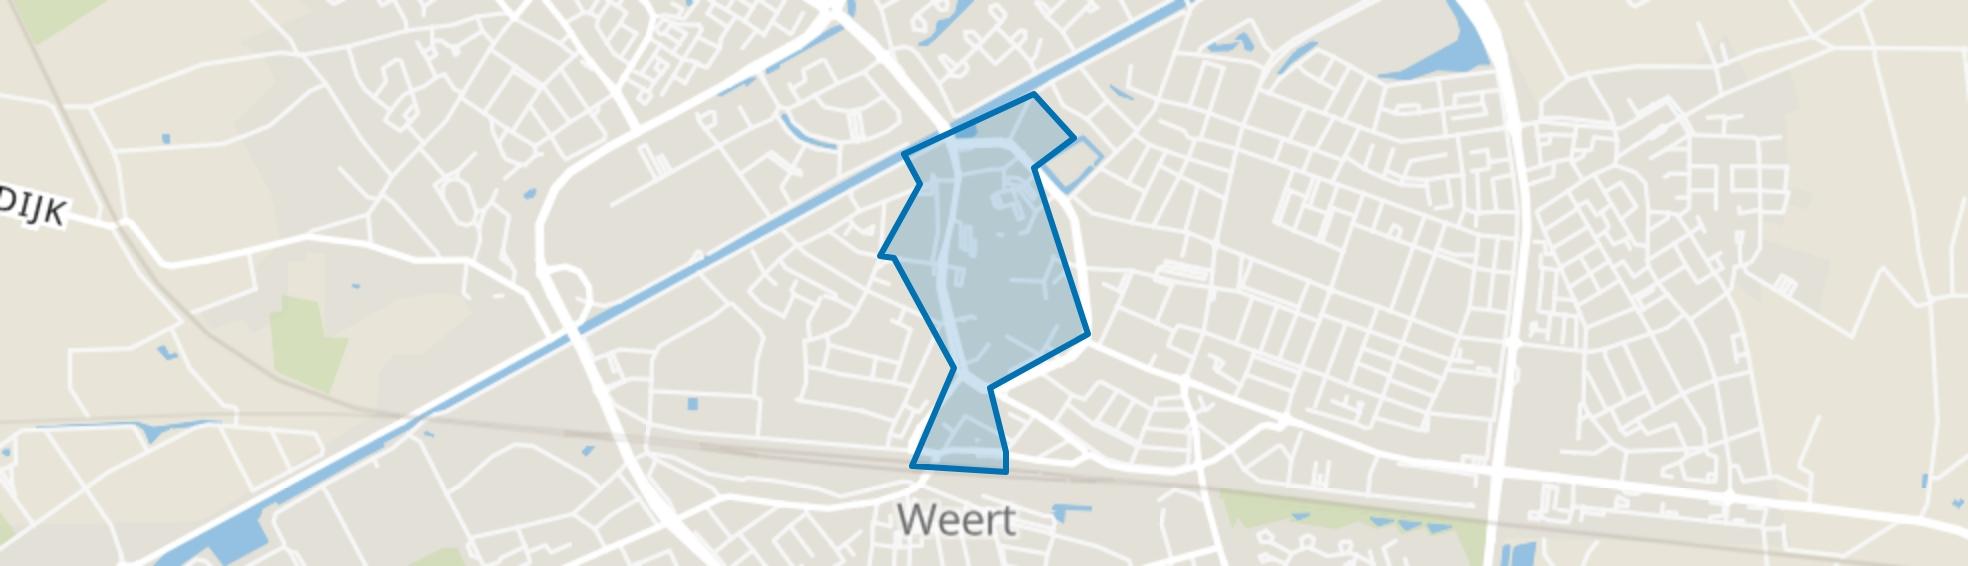 Weert-Centrum, Weert map